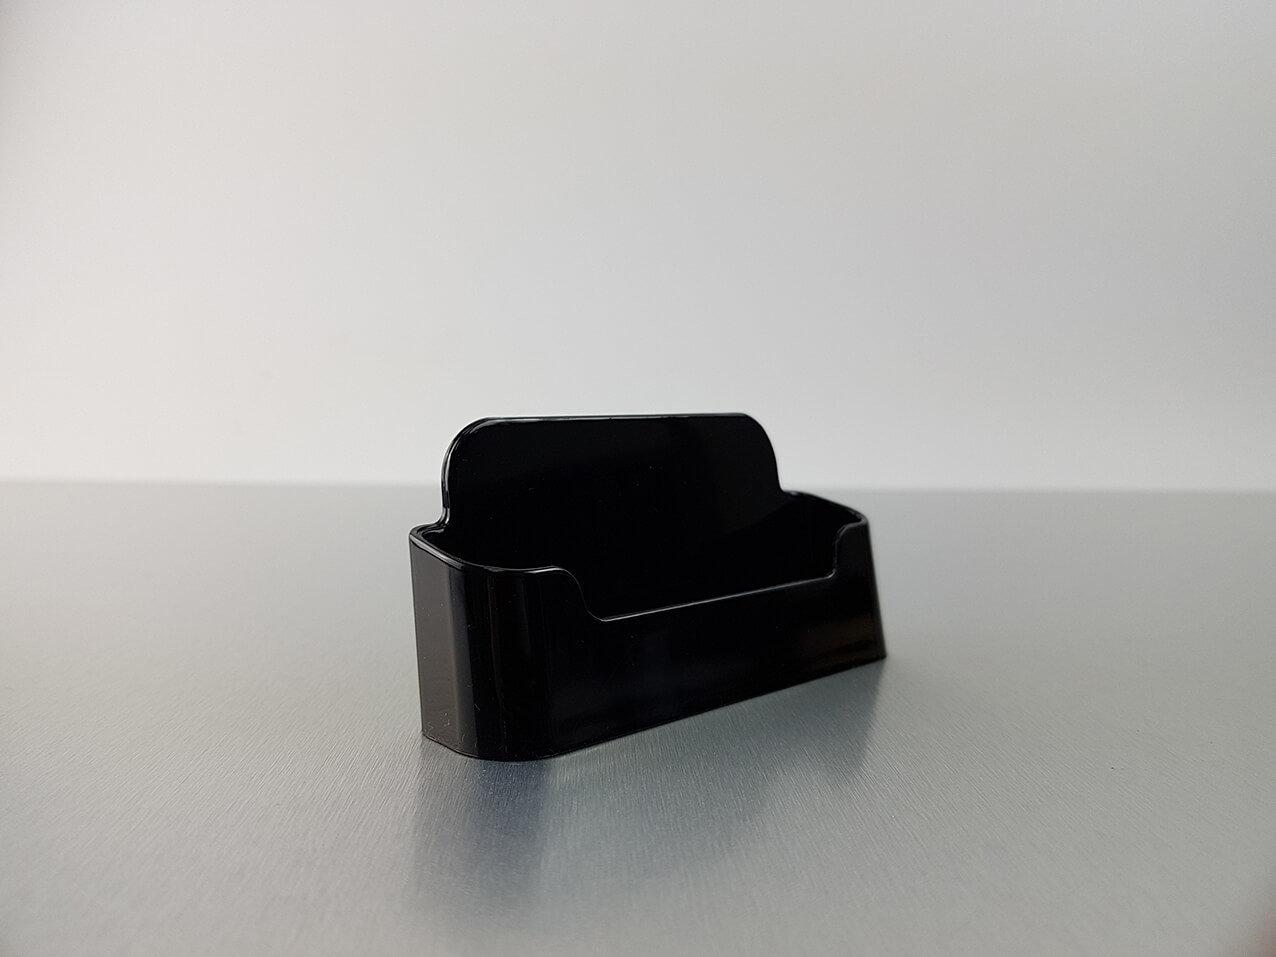 522-Acrylbox-schwarz-1213-Visitenkarten